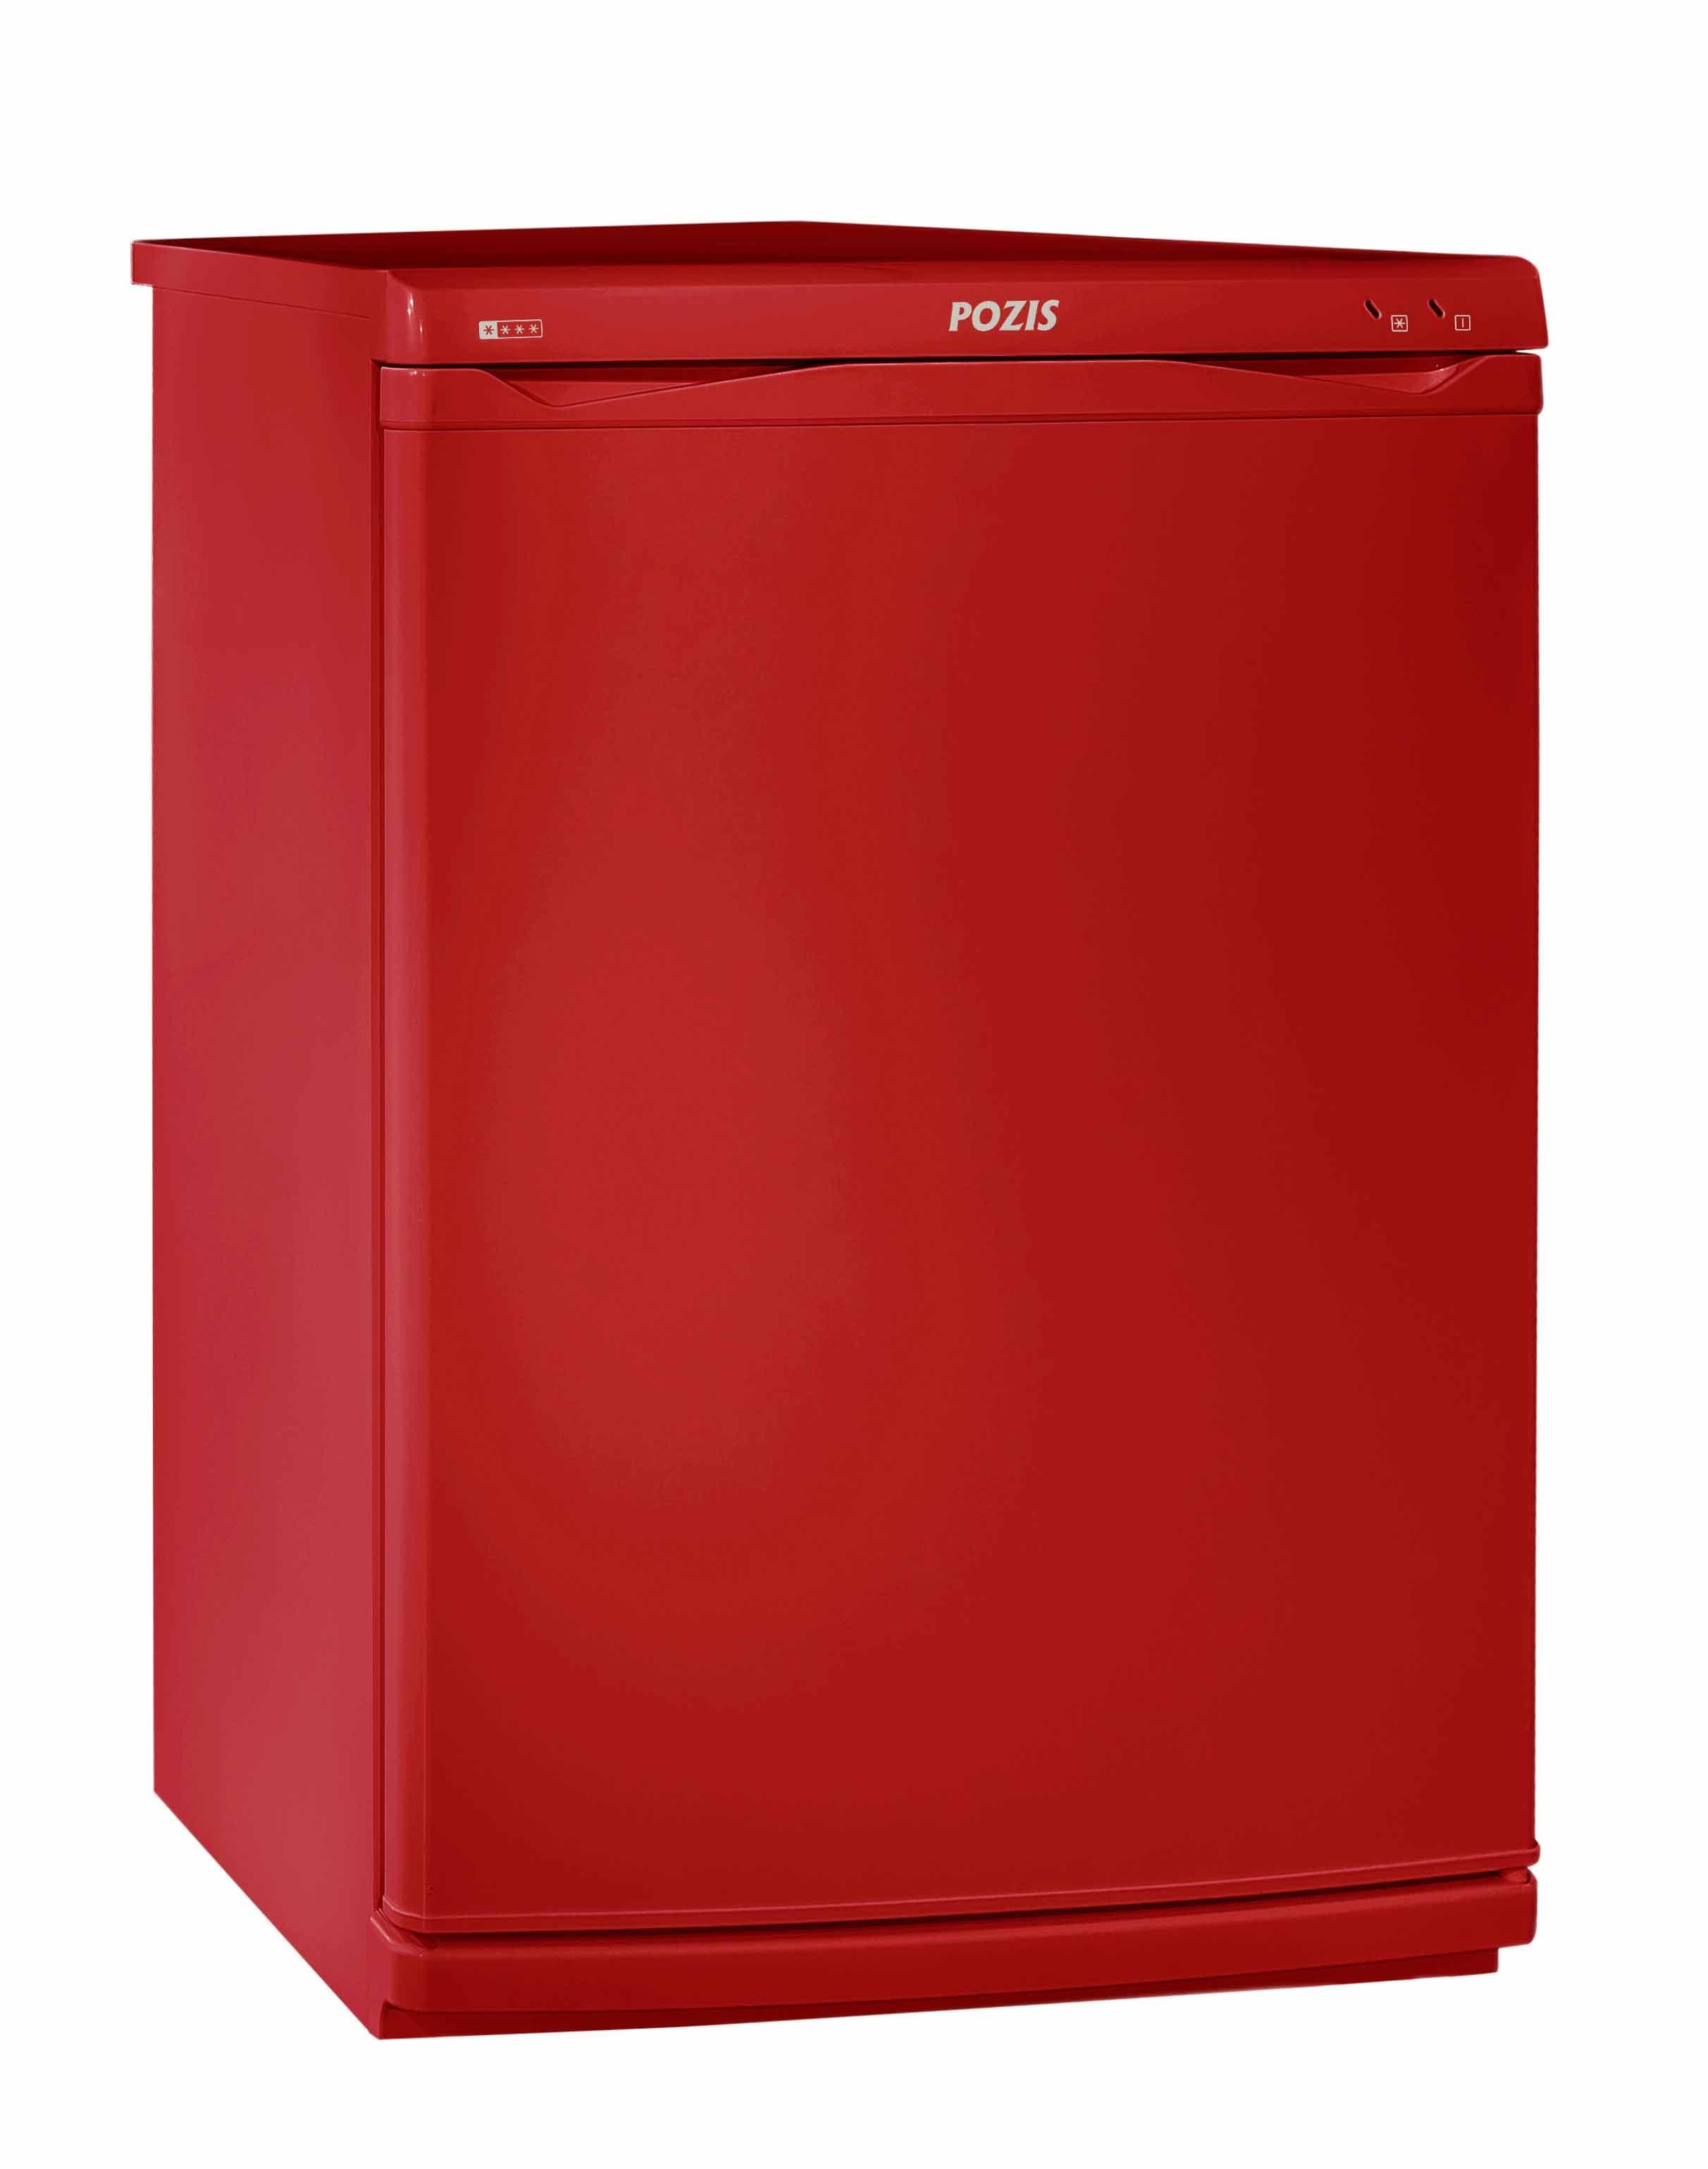 Шкаф морозильный Свияга-109-2 рубиновый